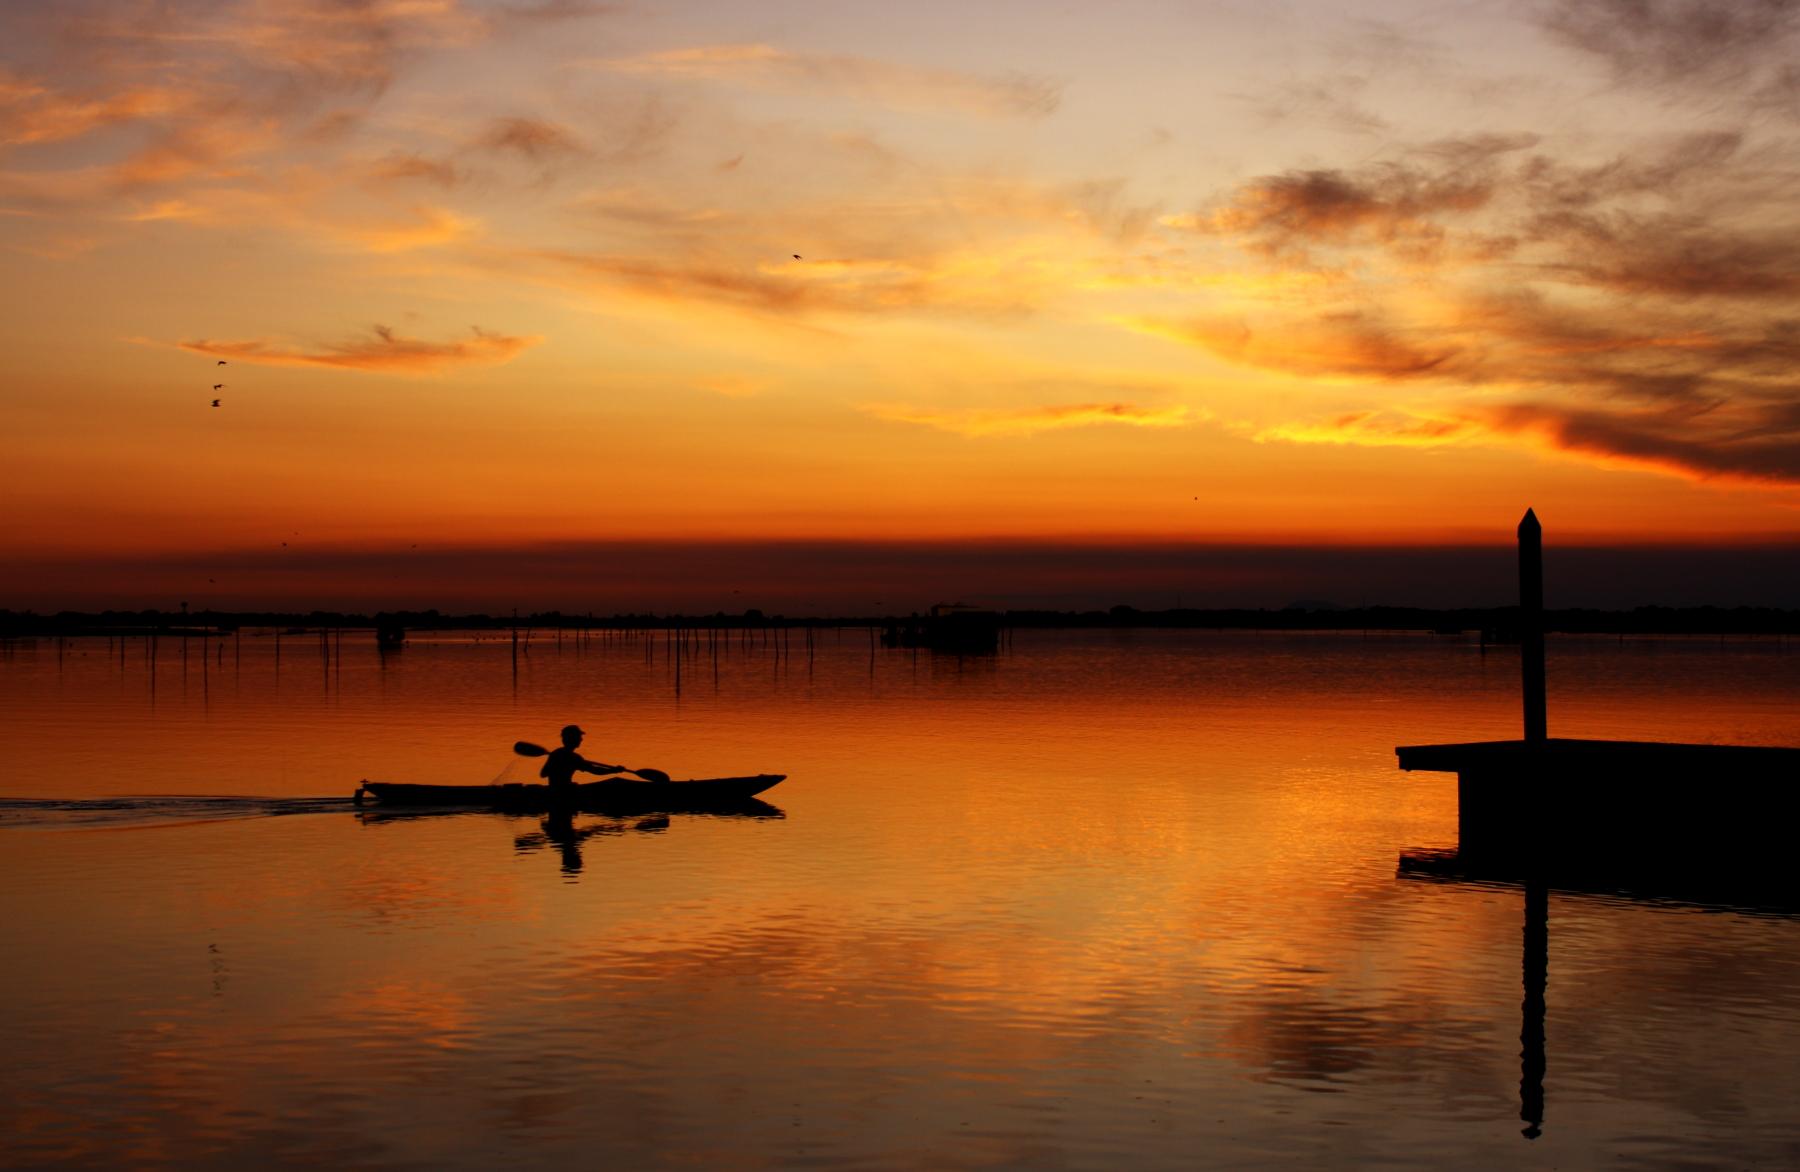 Rientro in canoa...